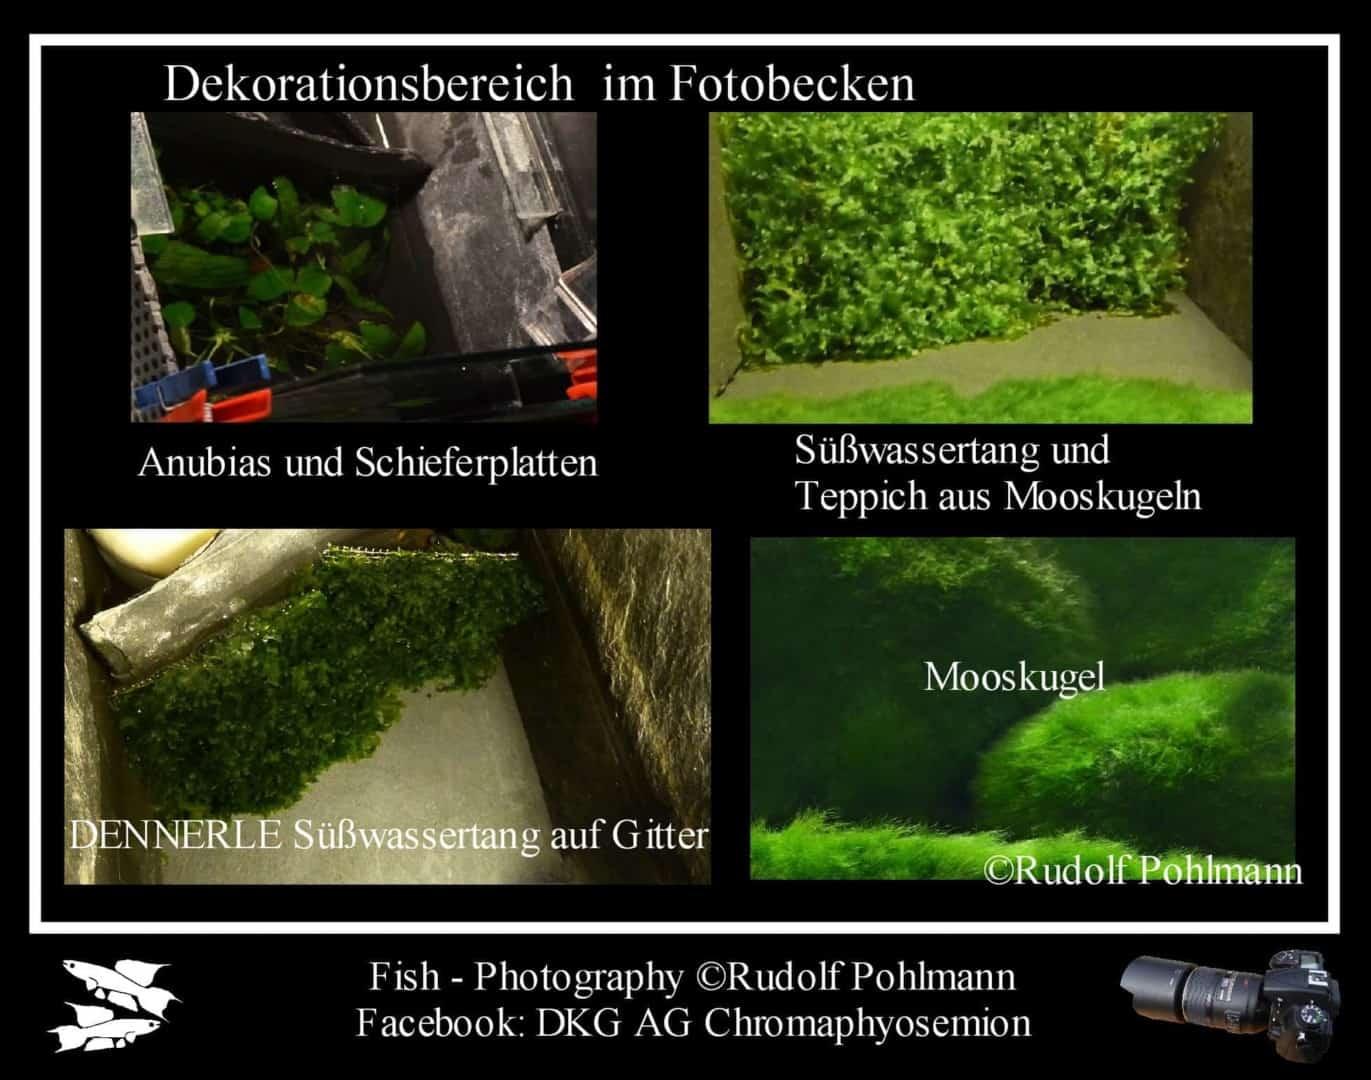 Fotostudio für kleine Fische - Das Fotobecken 3